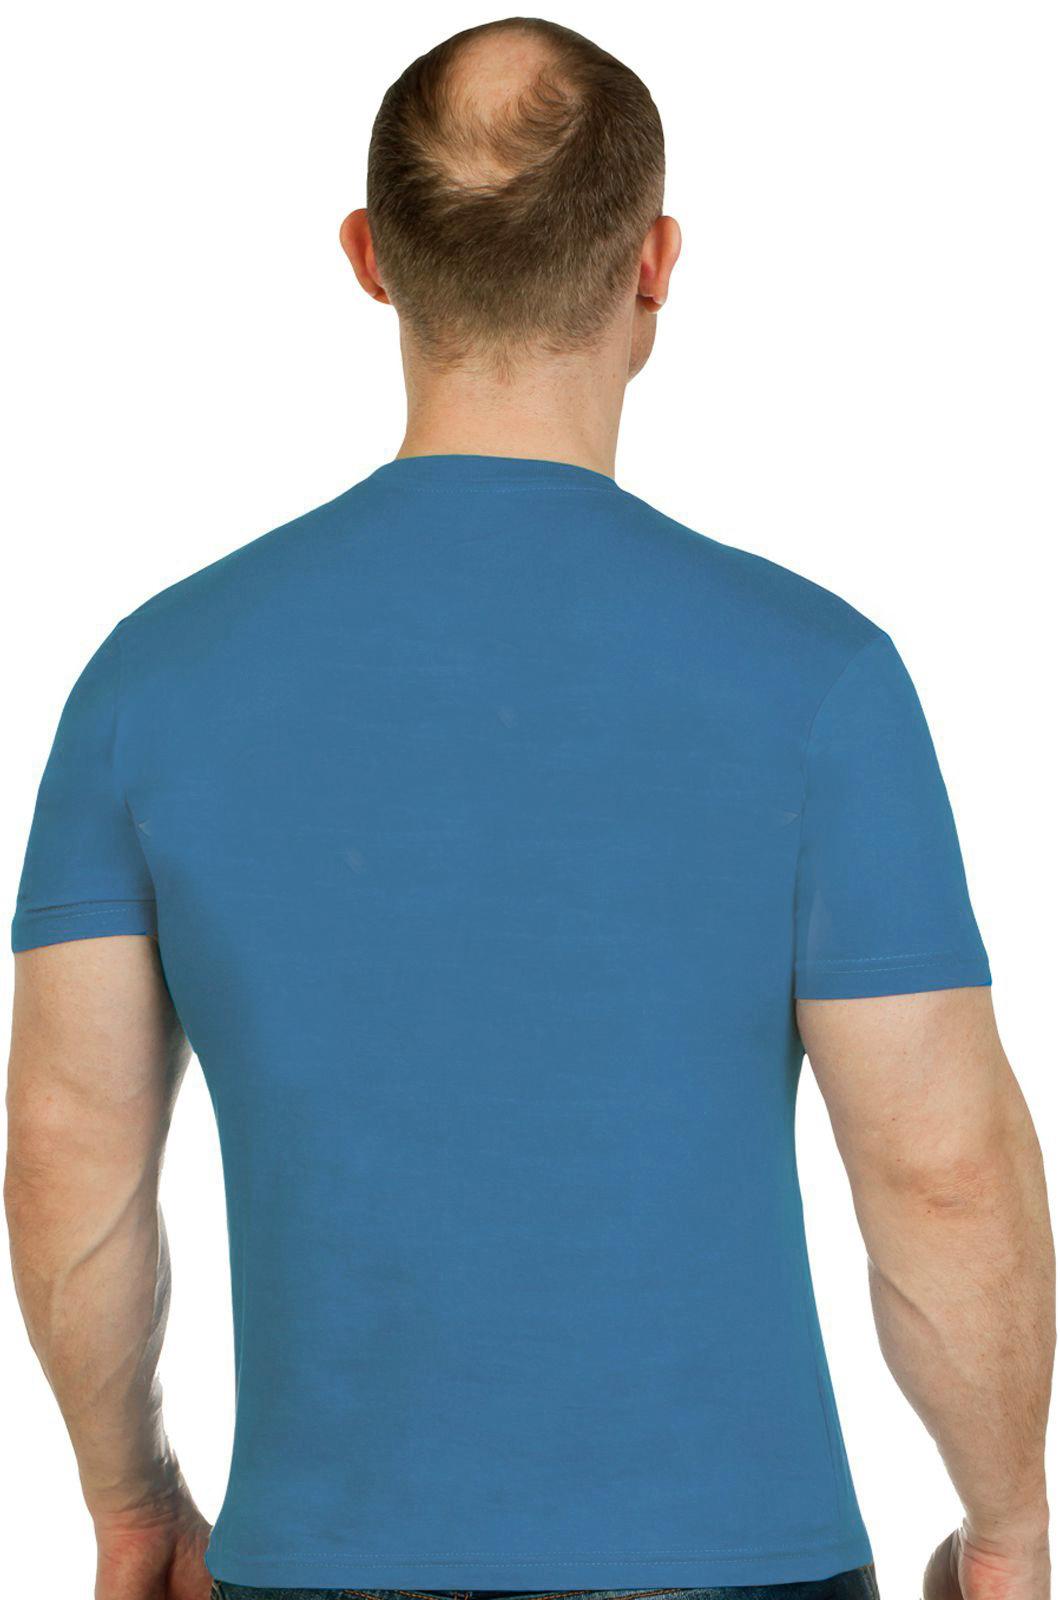 Мужская футболка с вышивкой 3 Гв.ОБрСпН